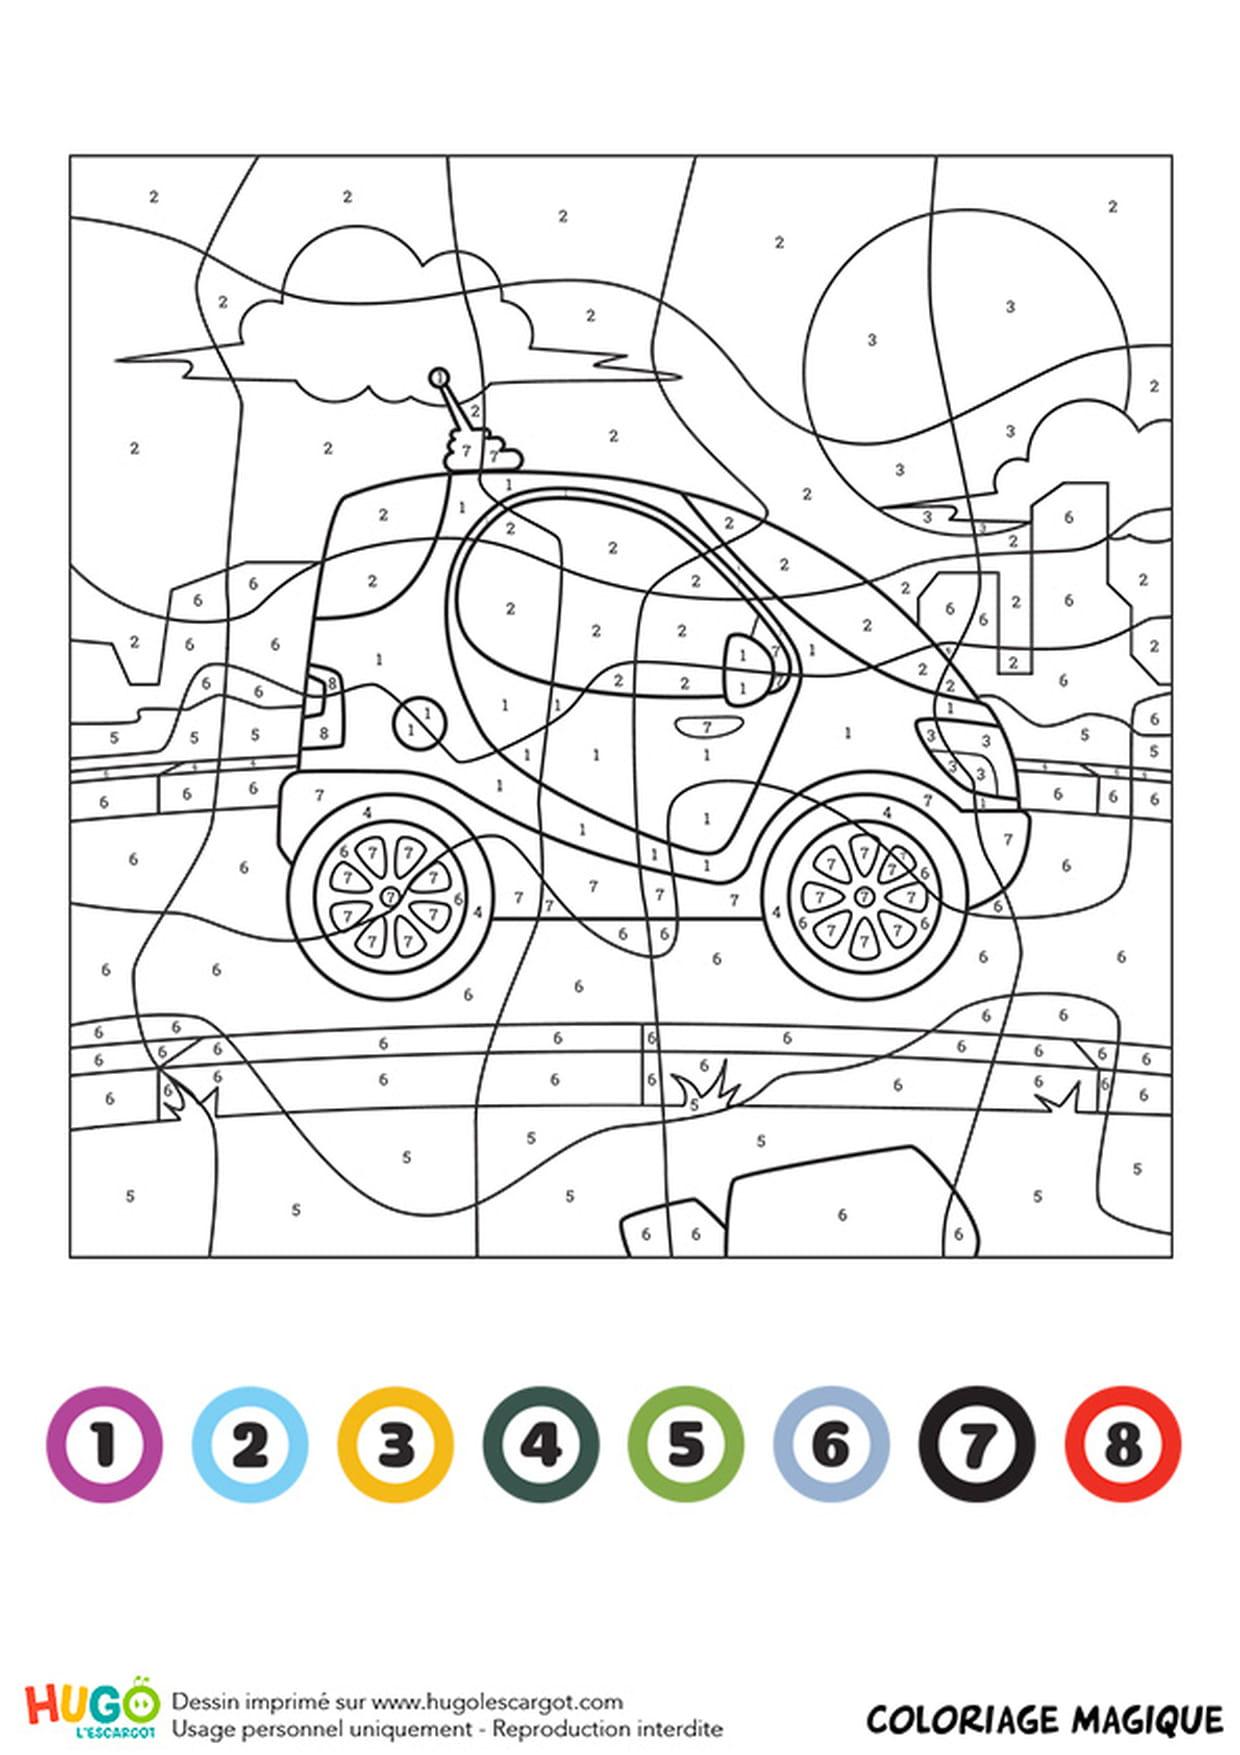 Coloriage Magique Ce1 : Une Mini Voiture dedans Coloriage Vehicule